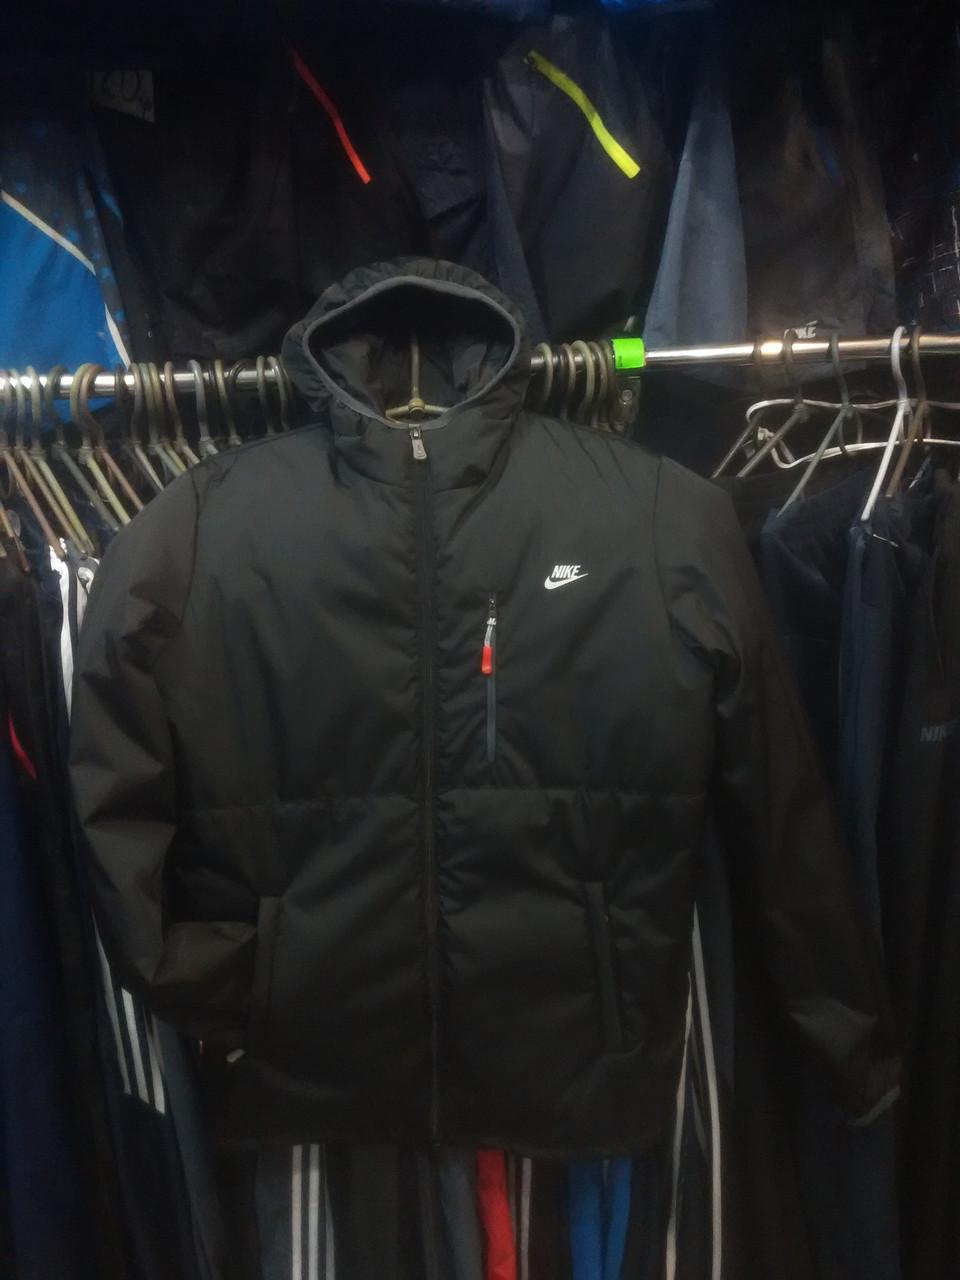 c4955b4d Мужская утепленная ветровка Nike копия , цена 610 грн., купить ...